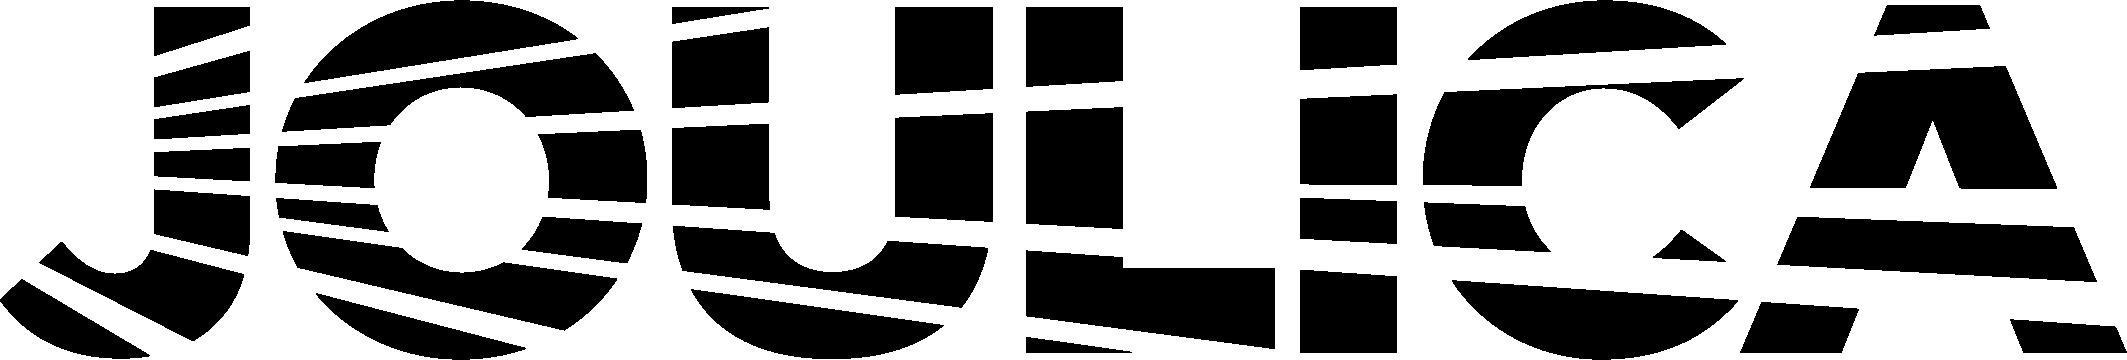 Joulica logo CMYK BLK